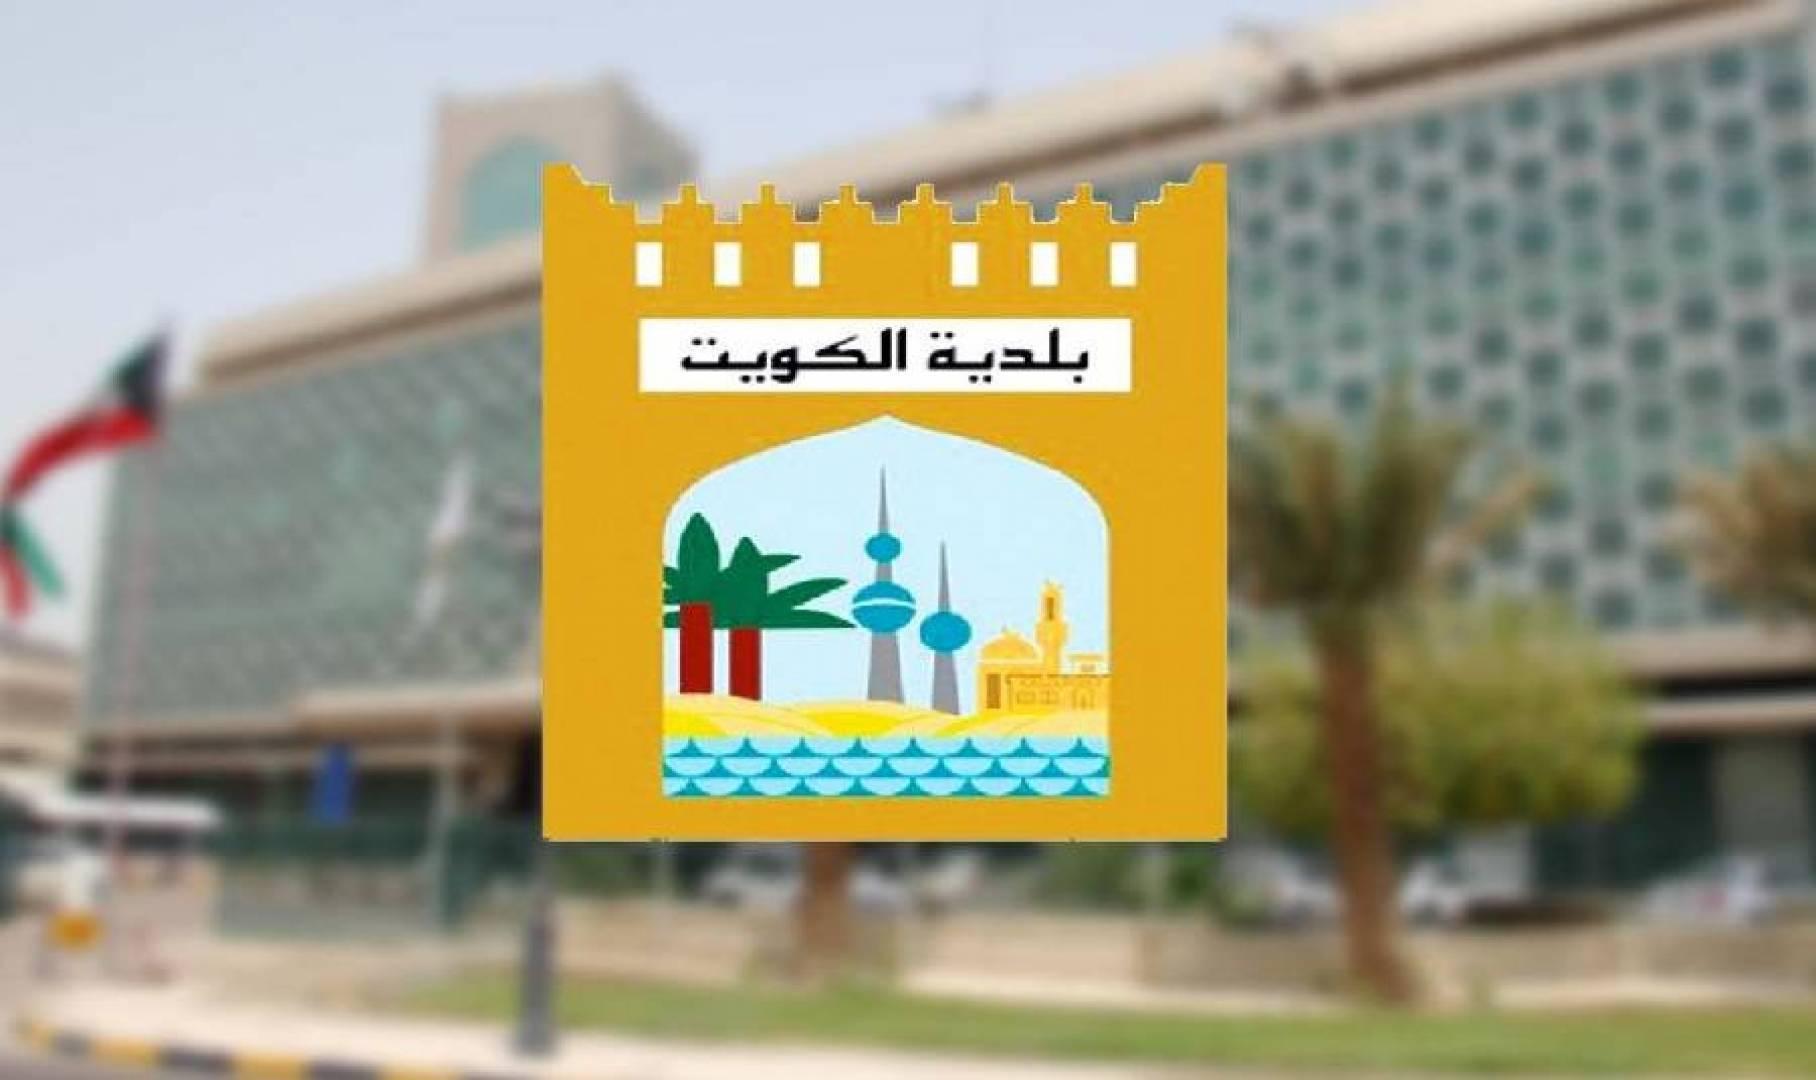 «البلدية»: إغلاق 122 محلاً خالفت الاشتراطات الصحية خلال المرحلة الثانية